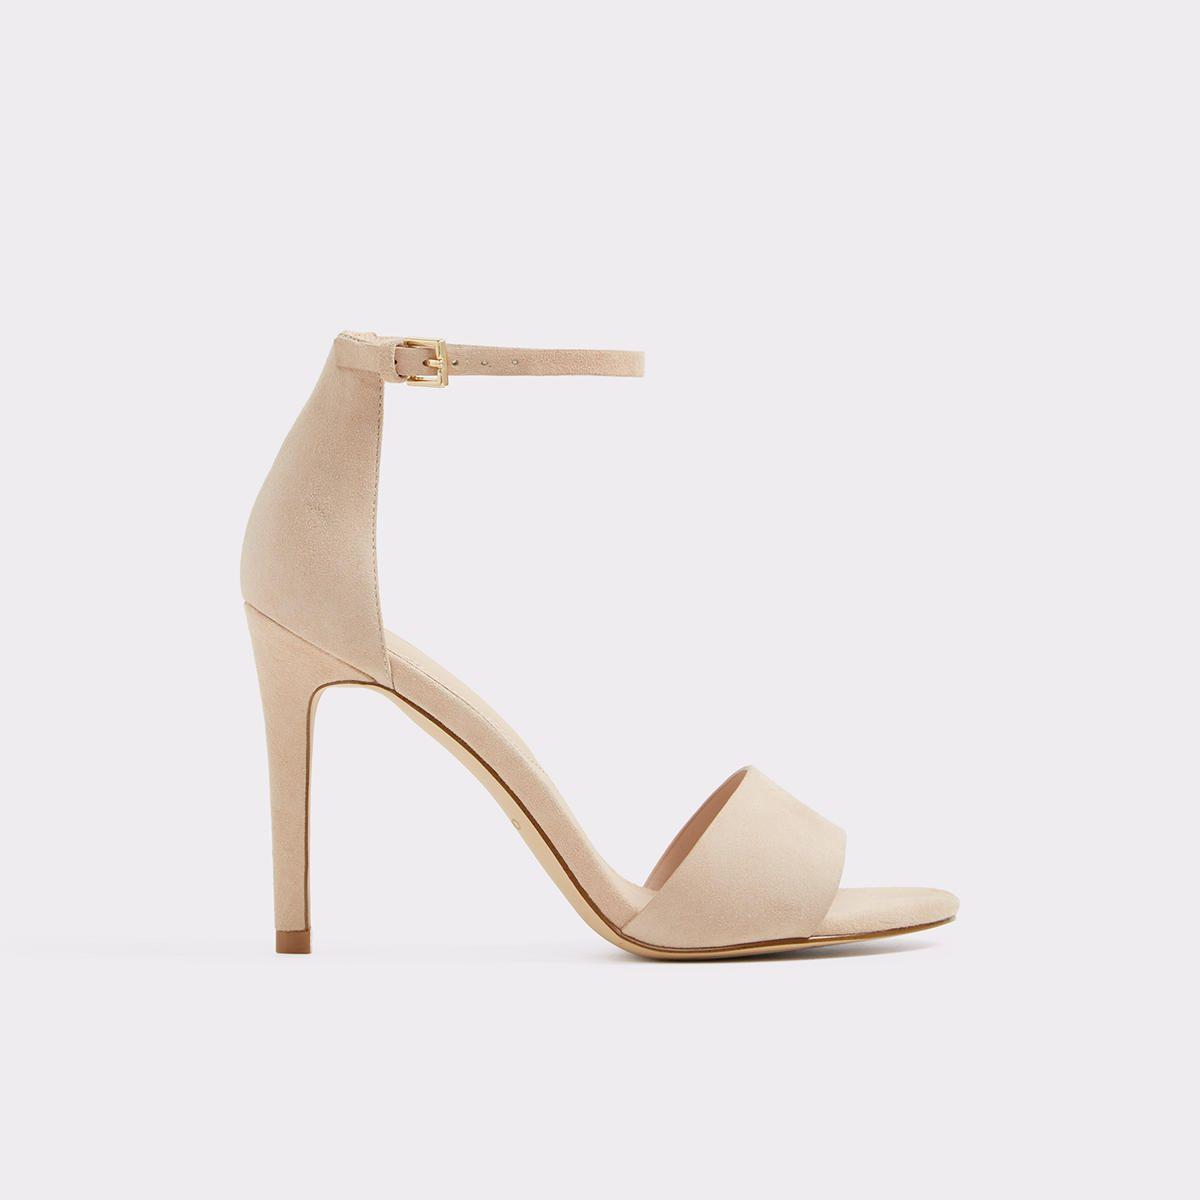 ALDO Canada | Toms shoes women